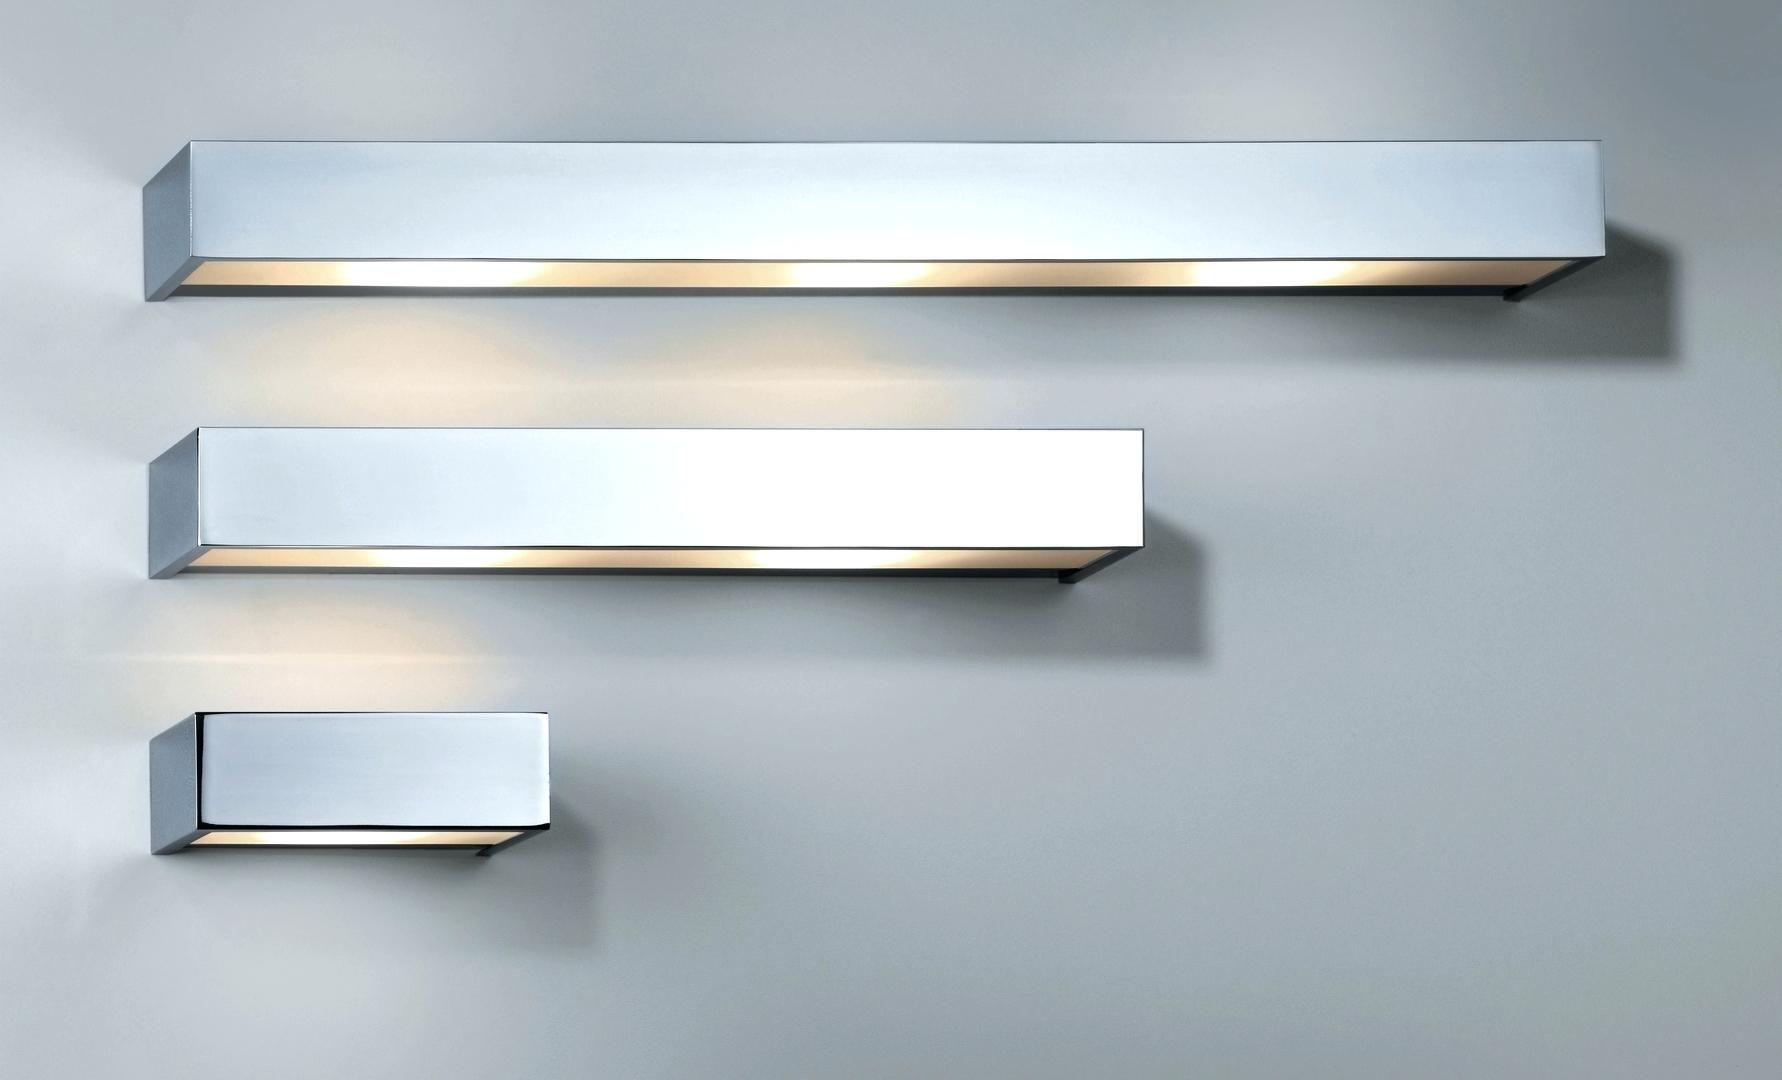 17 Herrlich Lager Von Badezimmer Lampe Neben Spiegel Wandleuchte Lampen Bad Design Leuchten